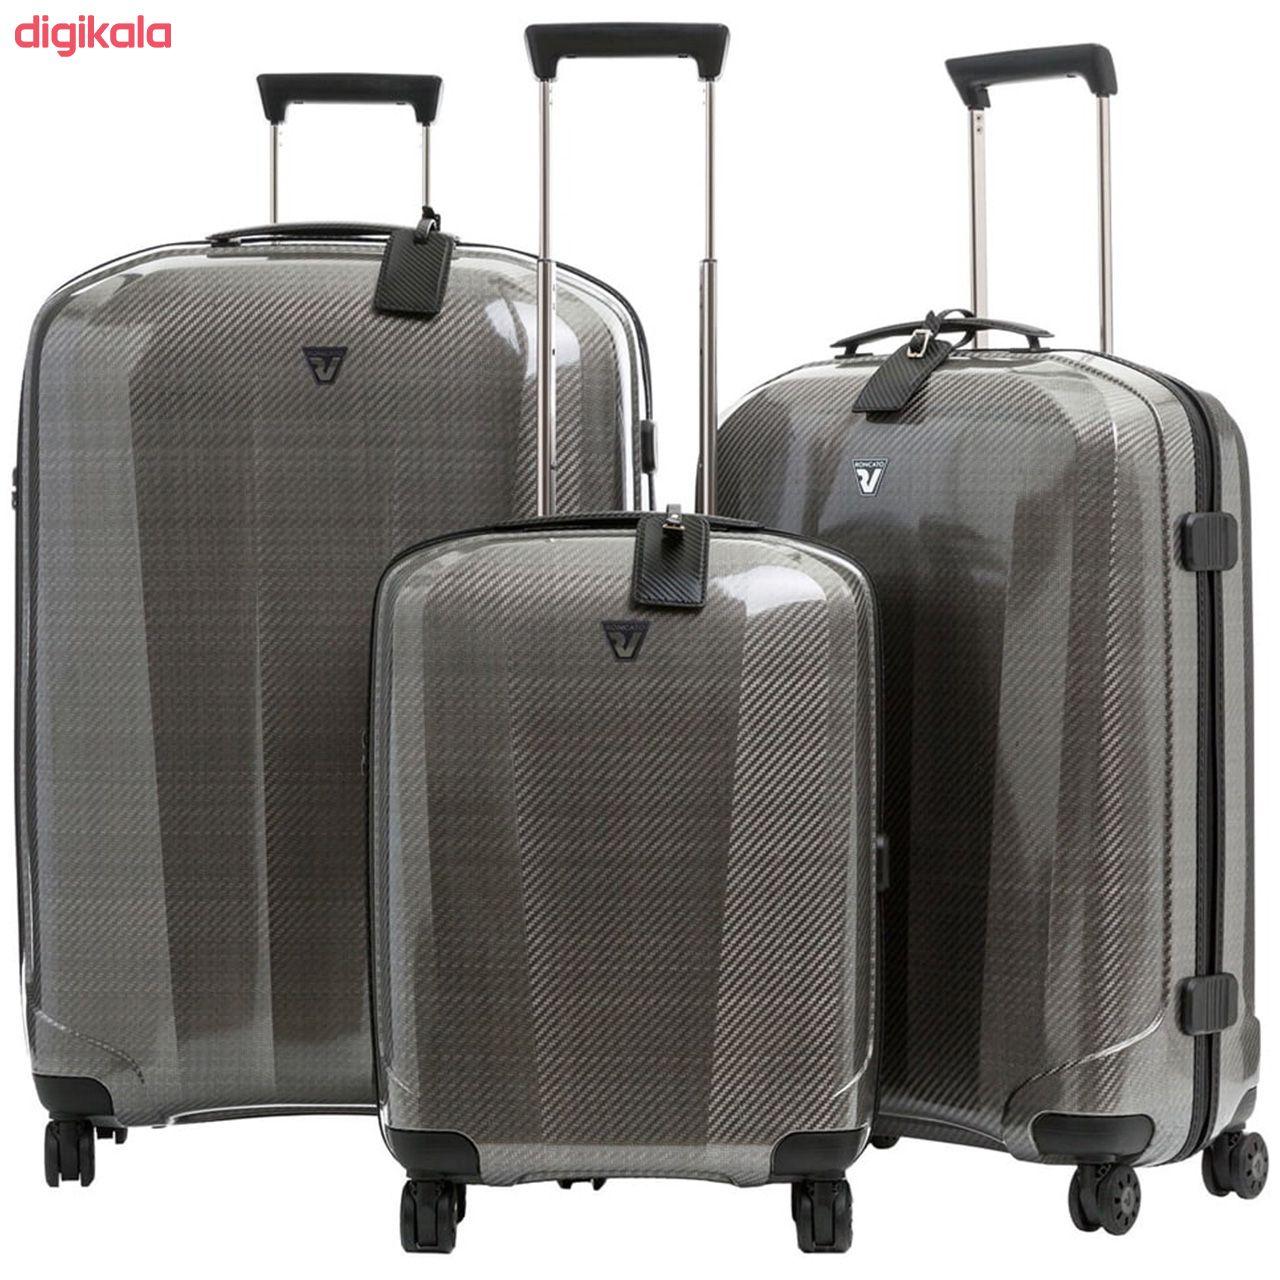 مجموعه سه عددی چمدان رونکاتو مدل 5950 main 1 1